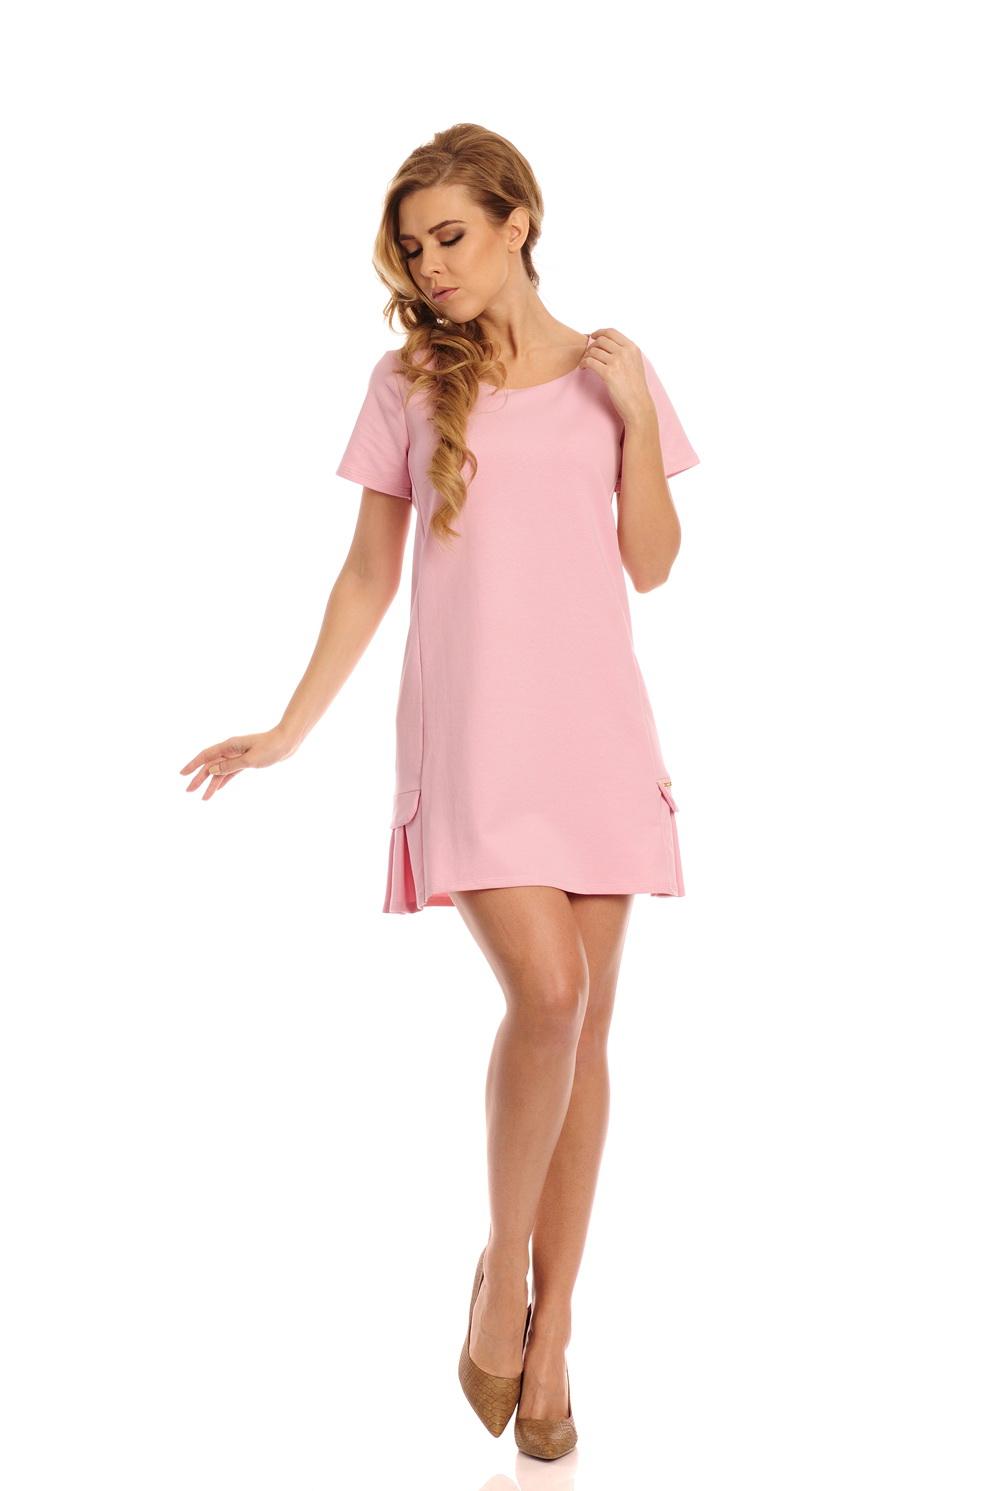 Bavlněné šaty se skladem, růžová, M